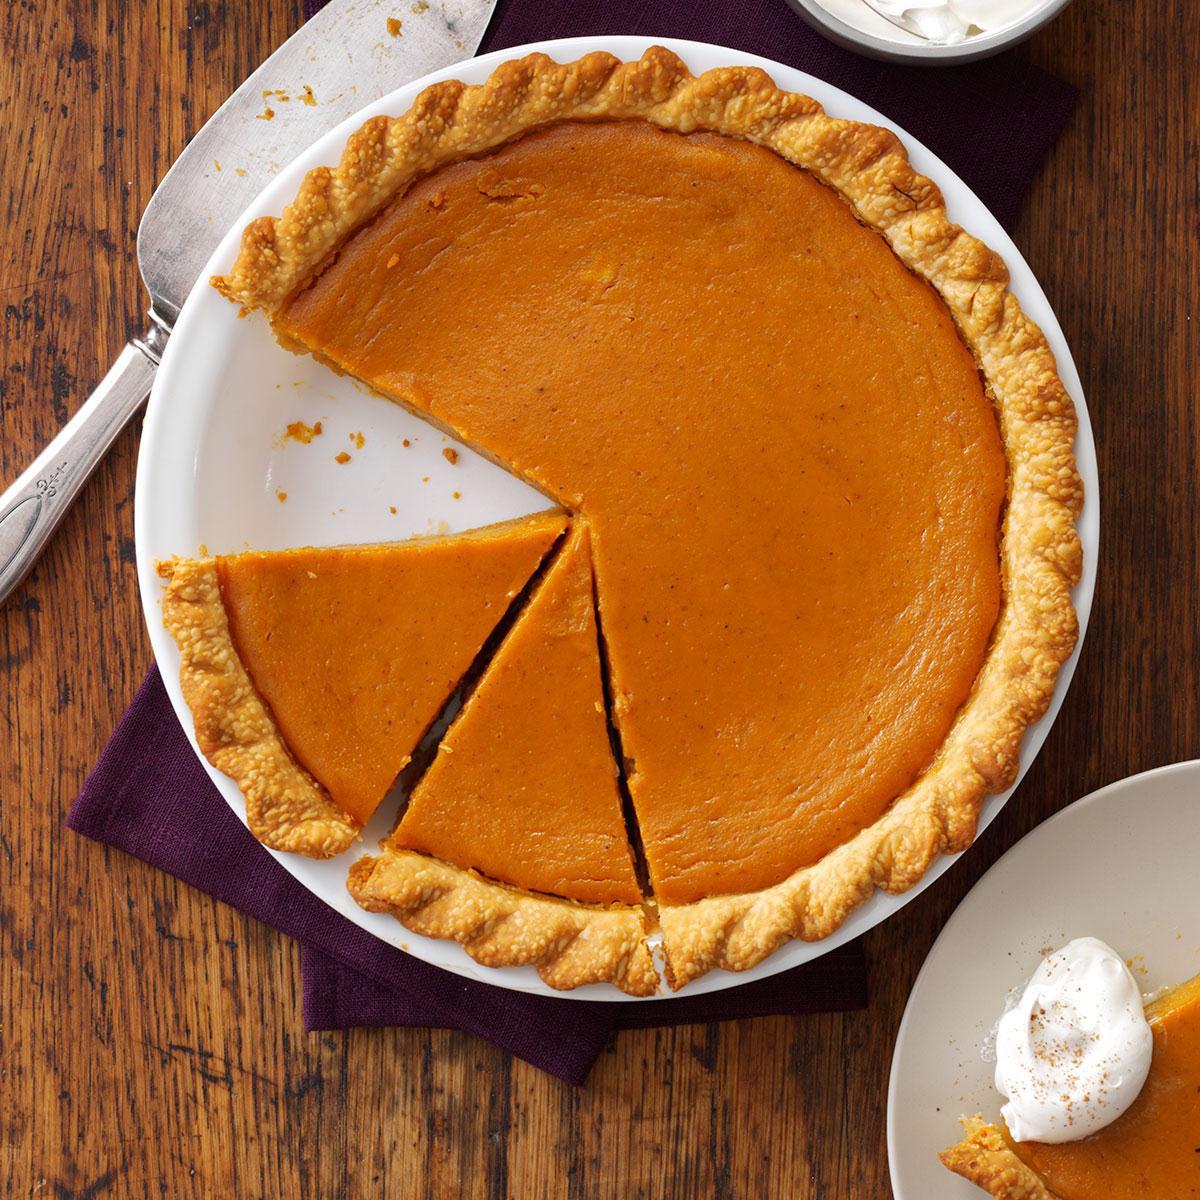 Pumpkin Pie Ingredients  Maple Sugar Pumpkin Pie Recipe